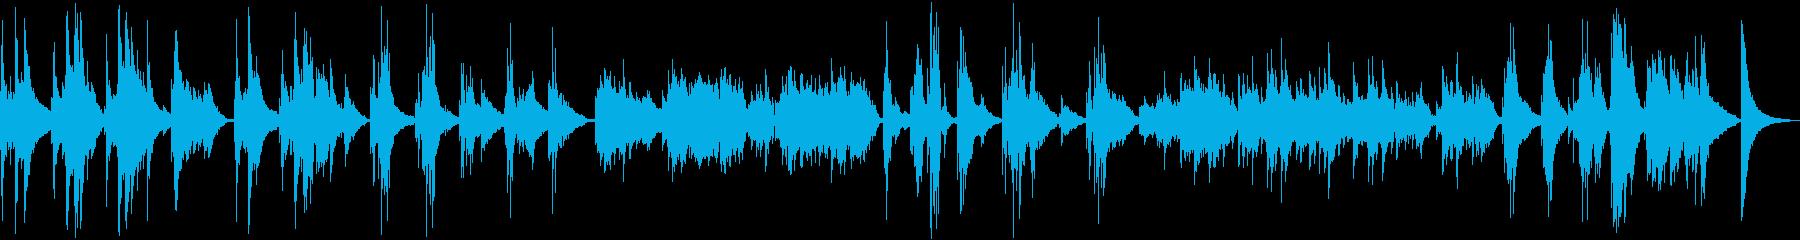 世界 センチメンタル 感情的 クー...の再生済みの波形